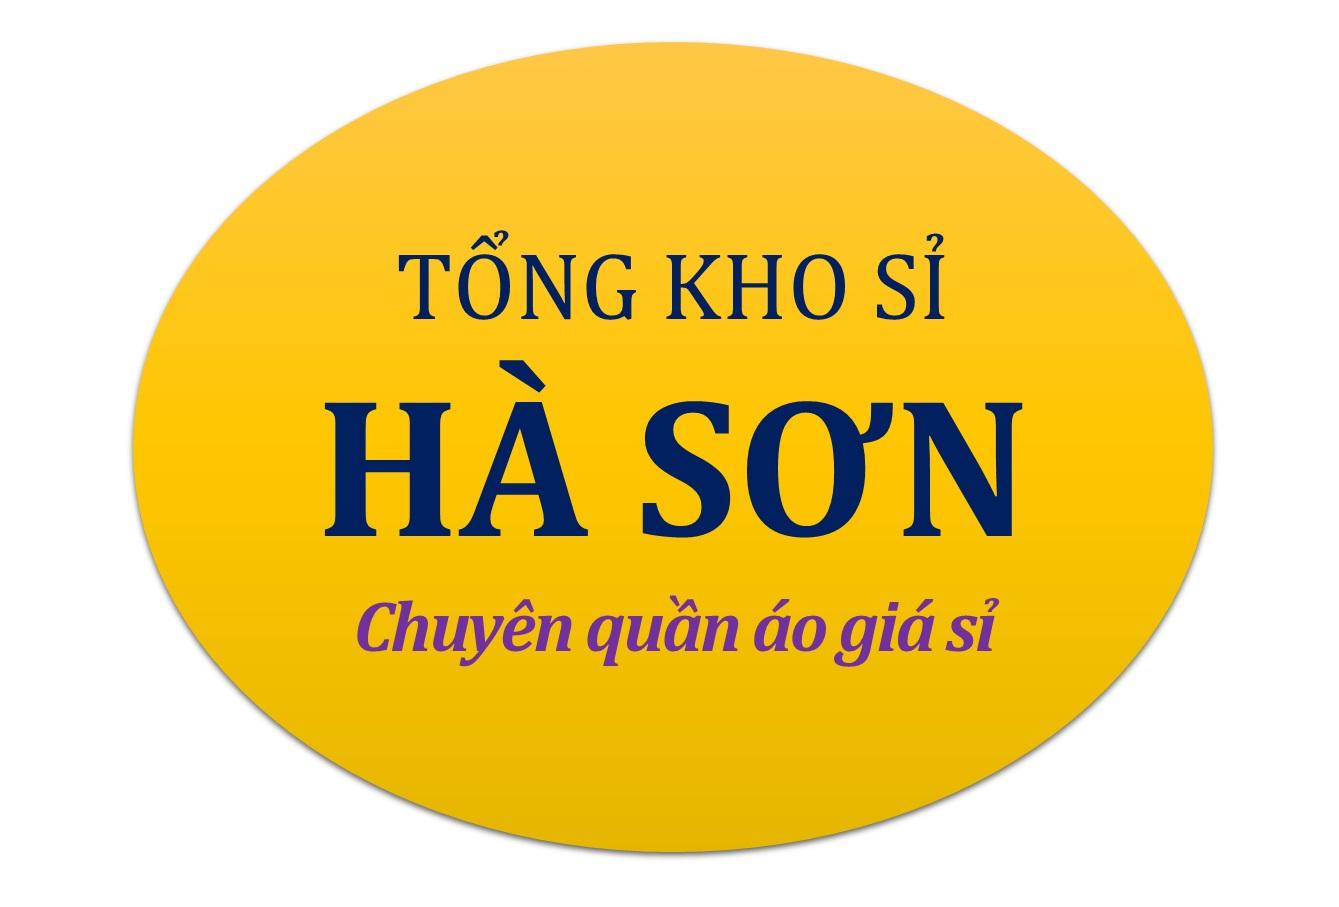 Tổng Kho sỉ Hà Sơn